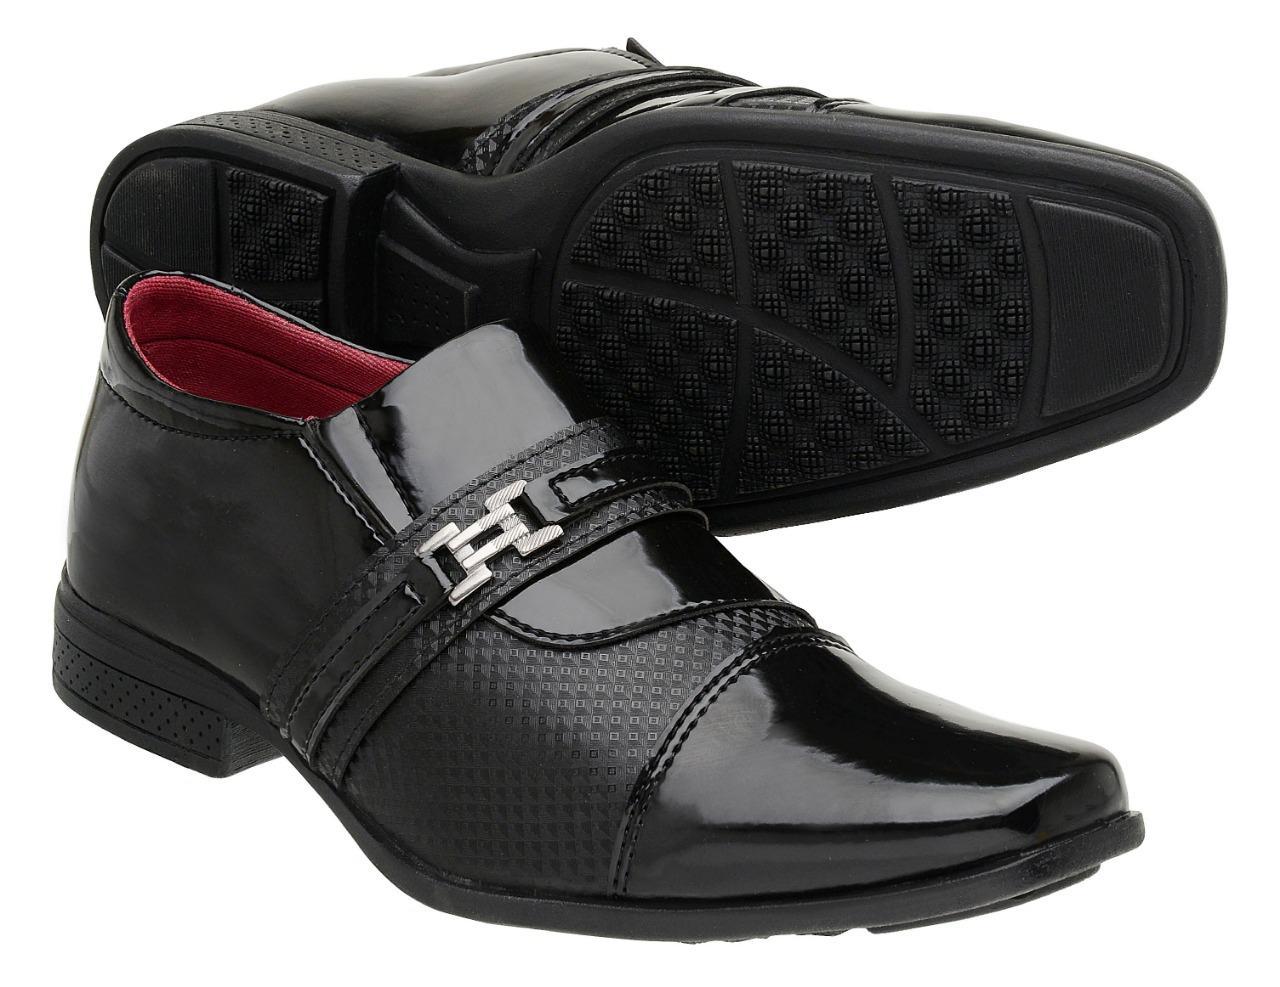 96e9a86434 Sapato Social Masculino Verniz Com Fivela Preto - Giolo R$ 59,90 à vista.  Adicionar à sacola